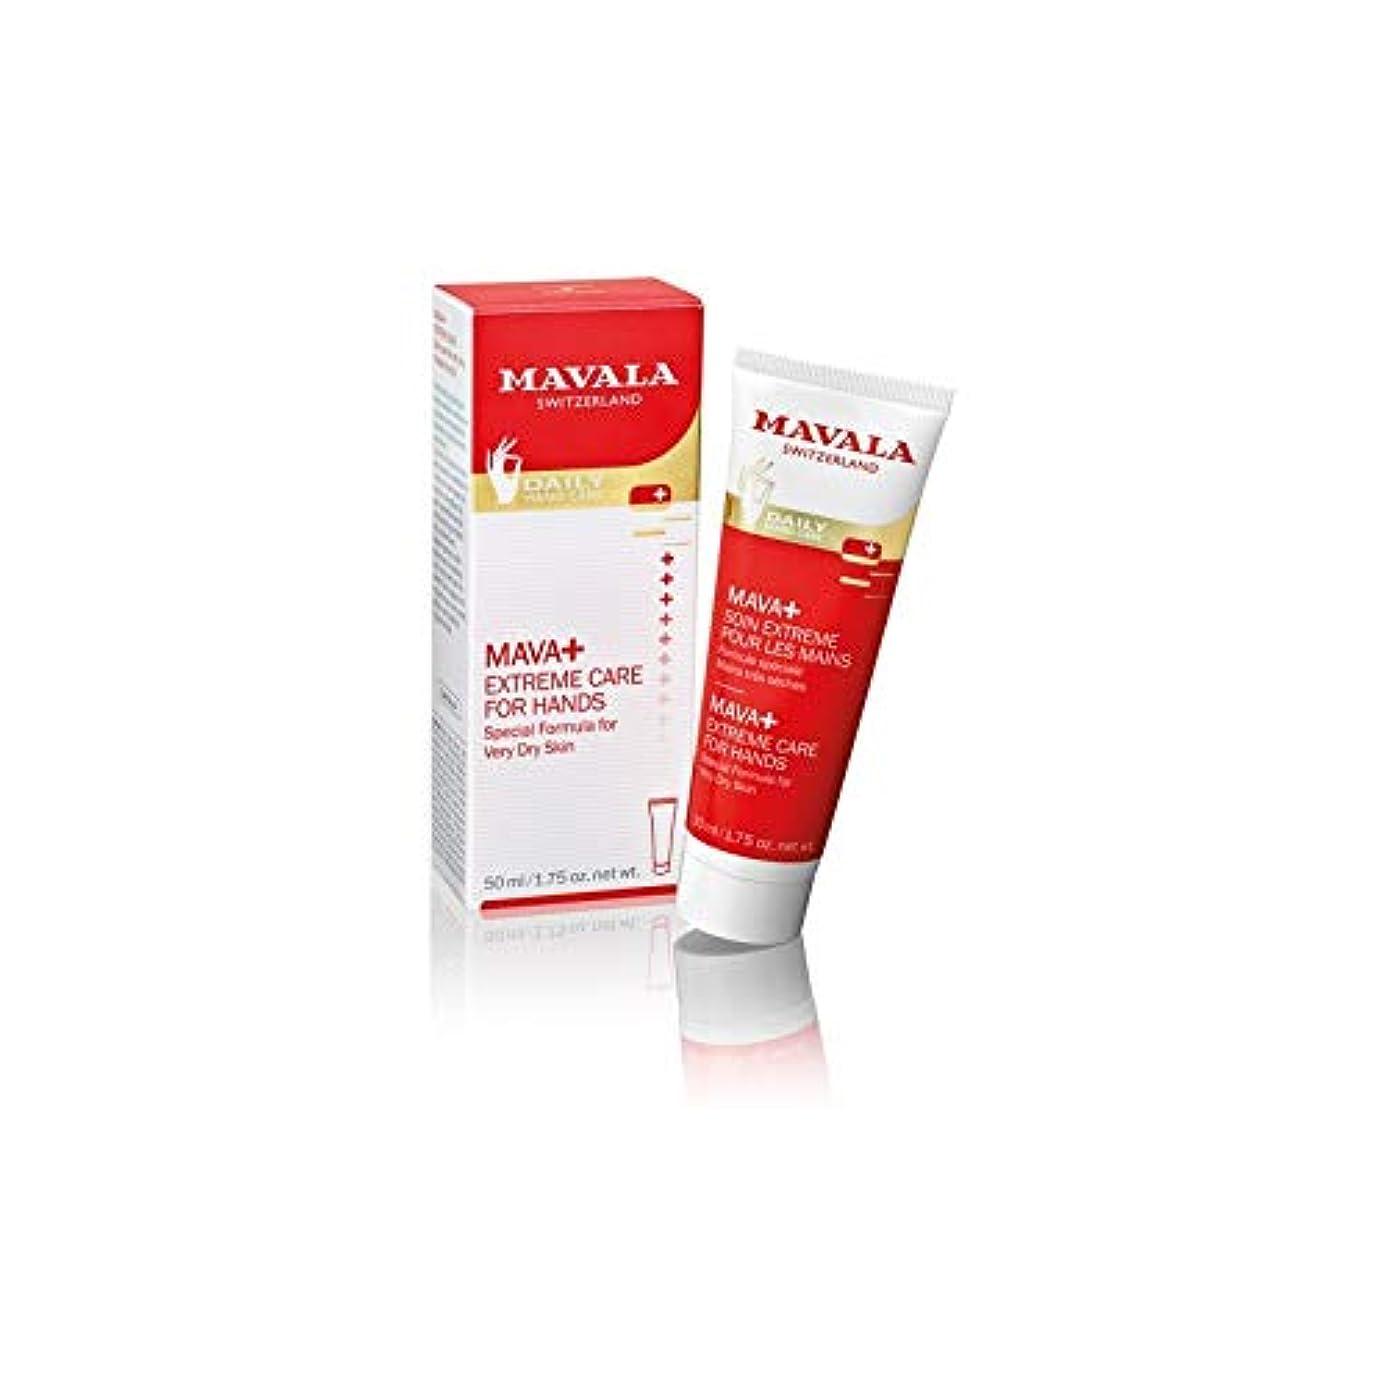 クランシーどこか殉教者[Mavala] マヴァラMavalaのMava +ハンドクリーム - 手のために細心の注意を払っ(50ミリリットル) - Mavala Mava+ Hand Cream - Extreme Care For Hands...